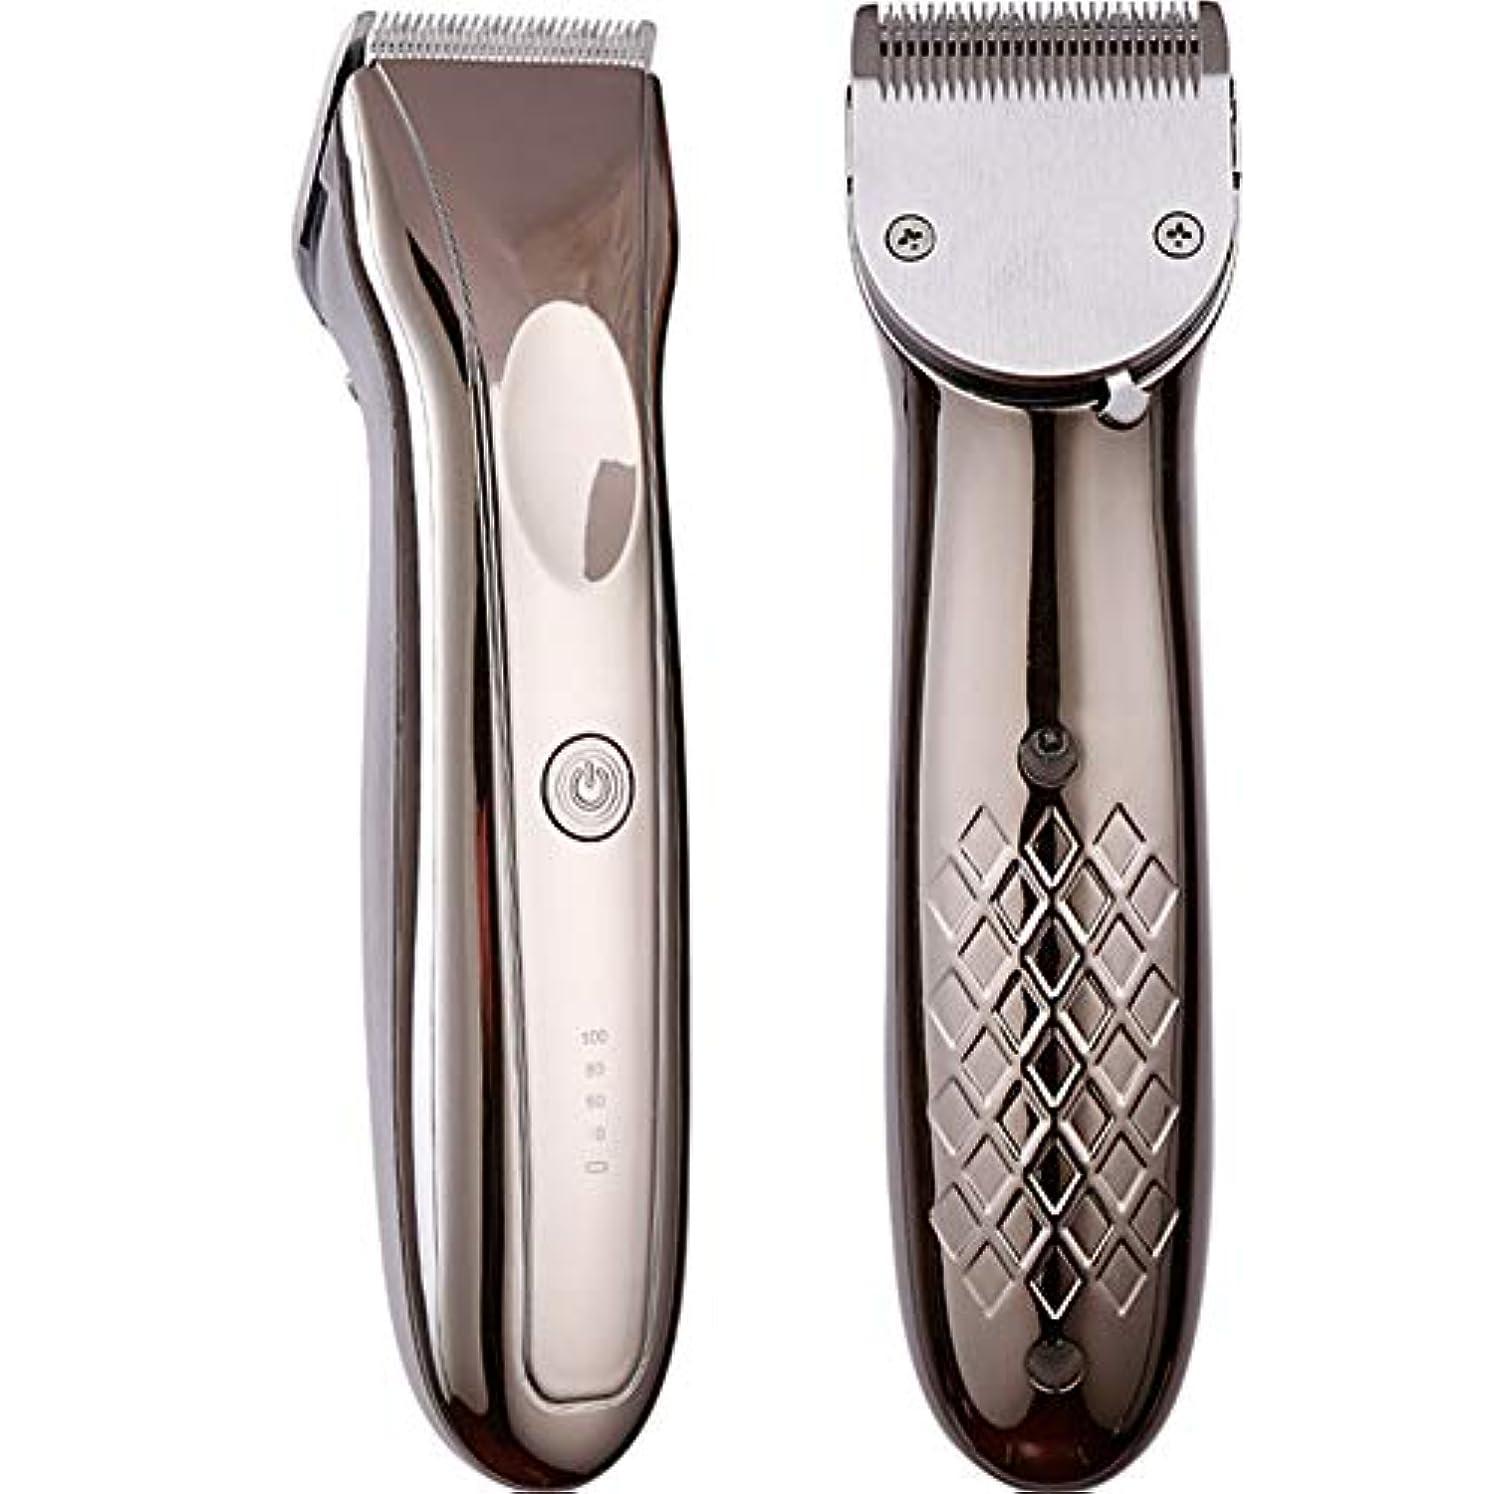 同級生周波数渦バリカンledトリマー男性0.8-2.8ミリメートルプロフェッショナル電気ステンレス鋼切断機理髪散髪ツール